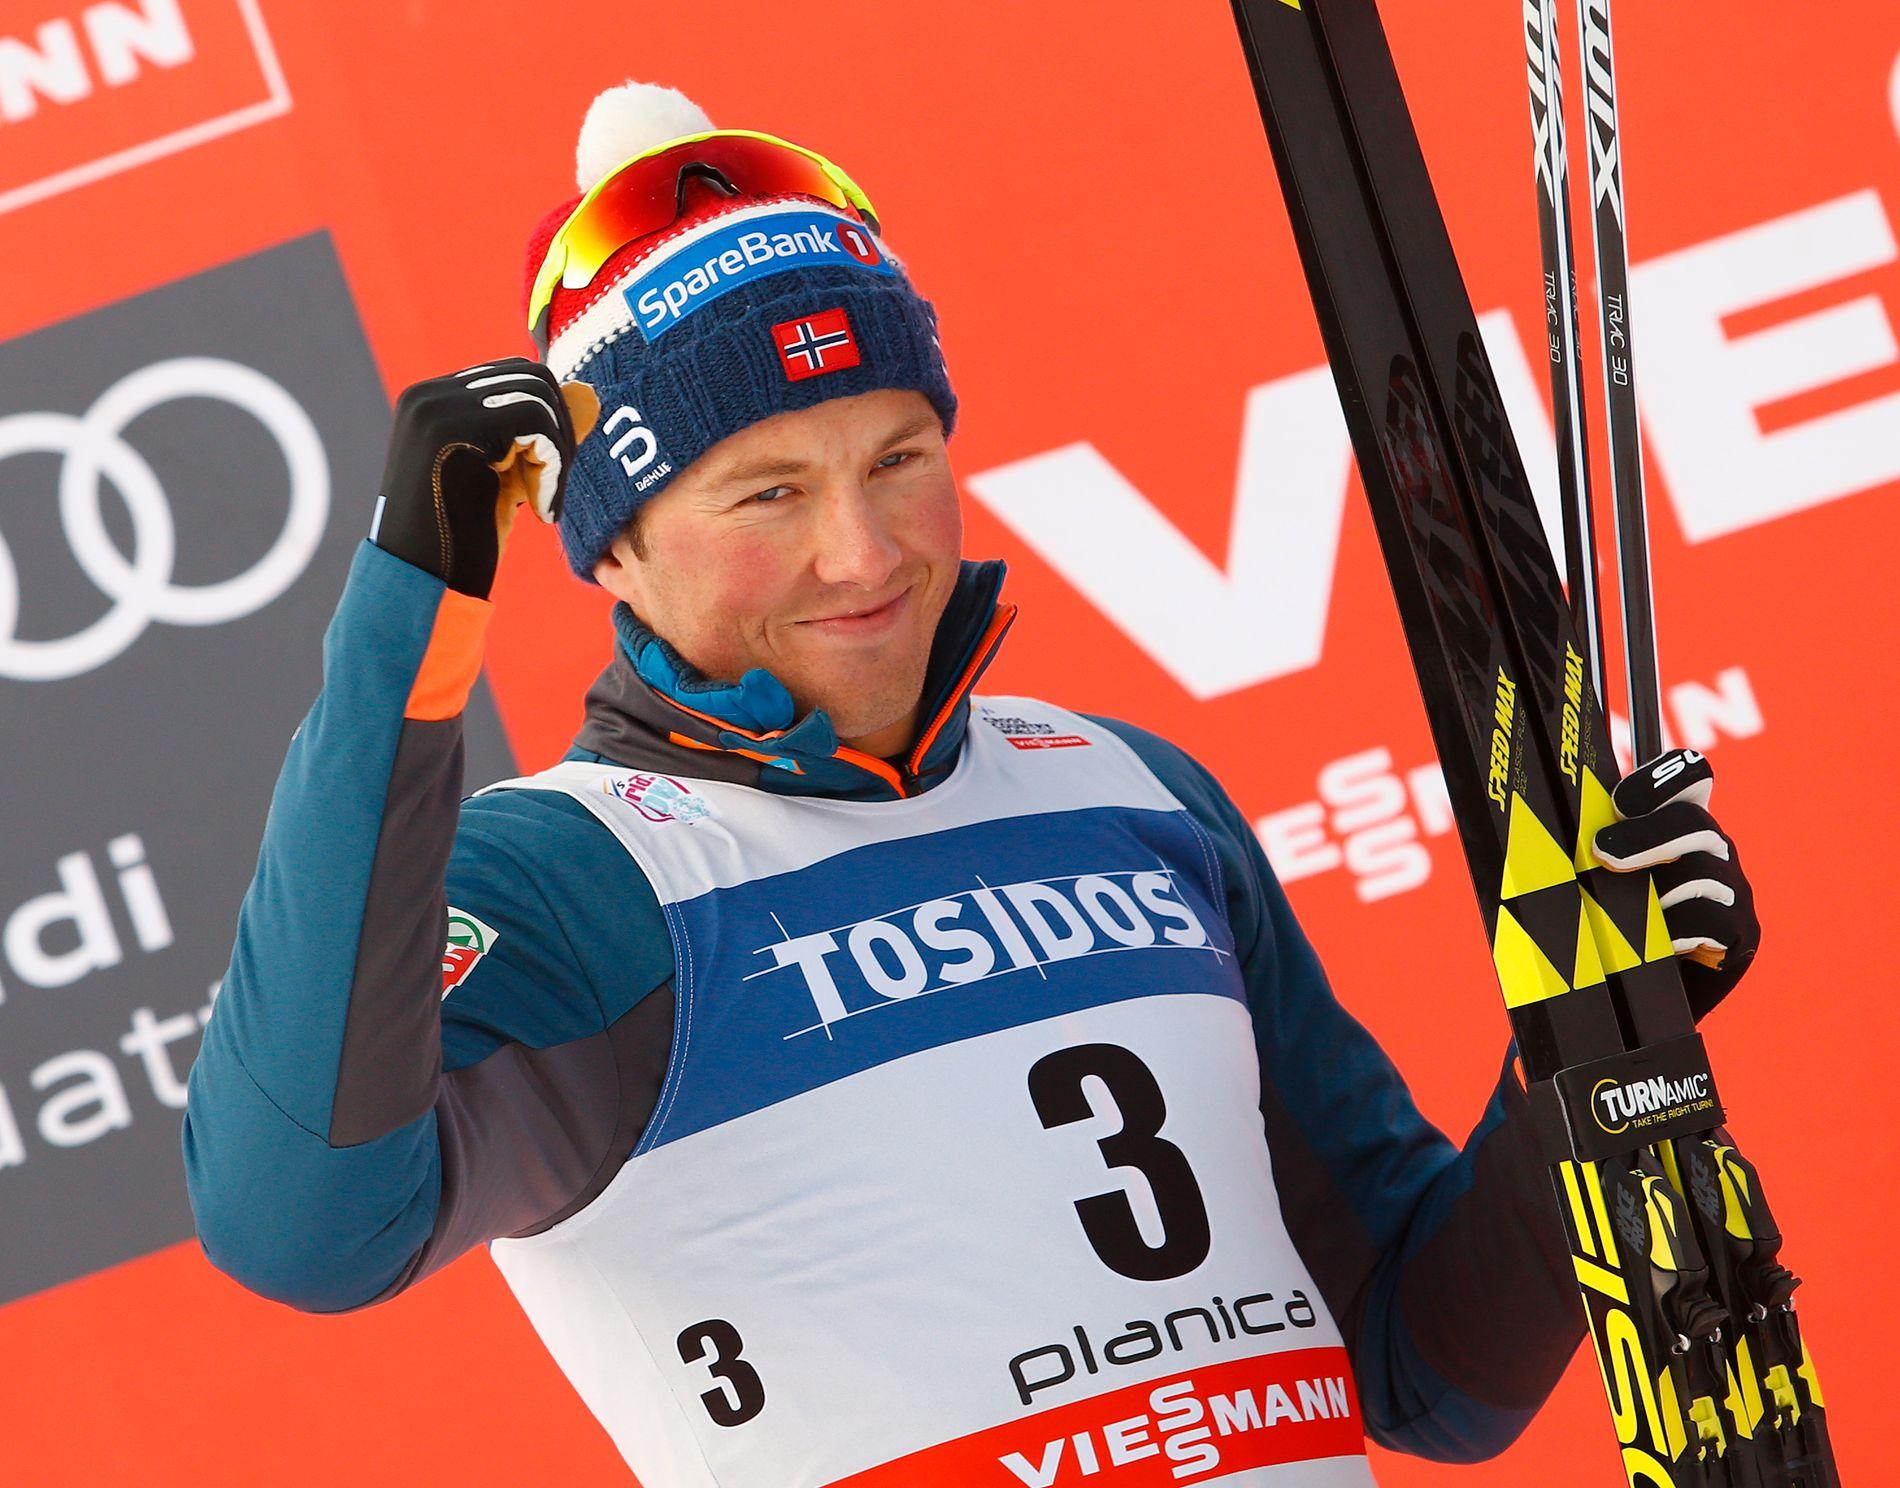 TILBAKE: Emil Iversens prestasjoner i Slovenia viser at han er på vei til å toppe OL-formen perfekt.